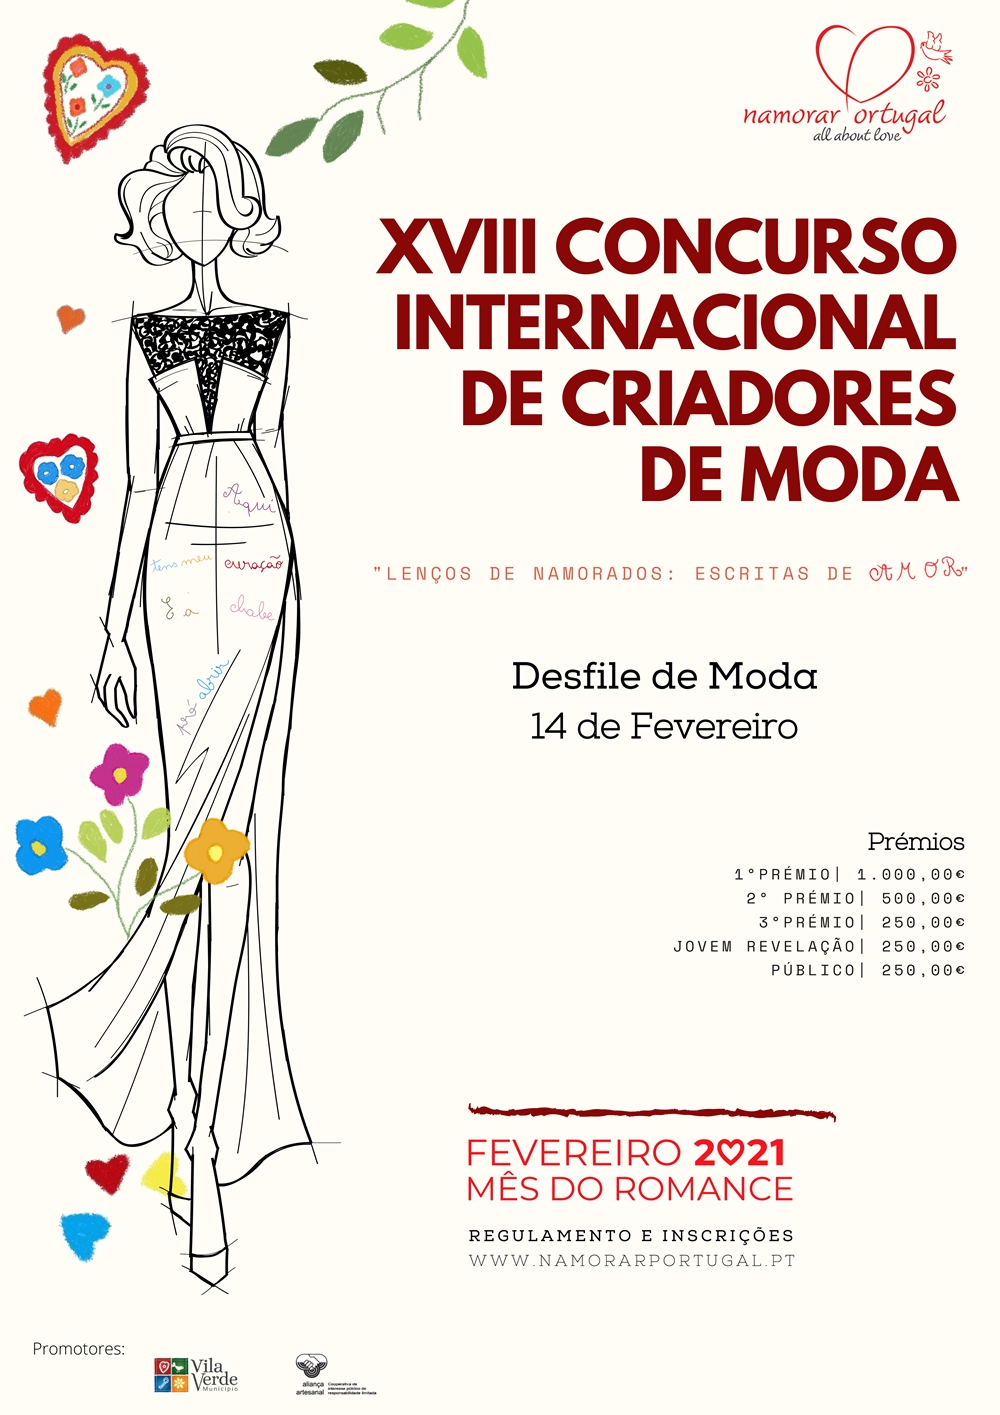 XVIII Concurso Internacional de Criadores de Moda